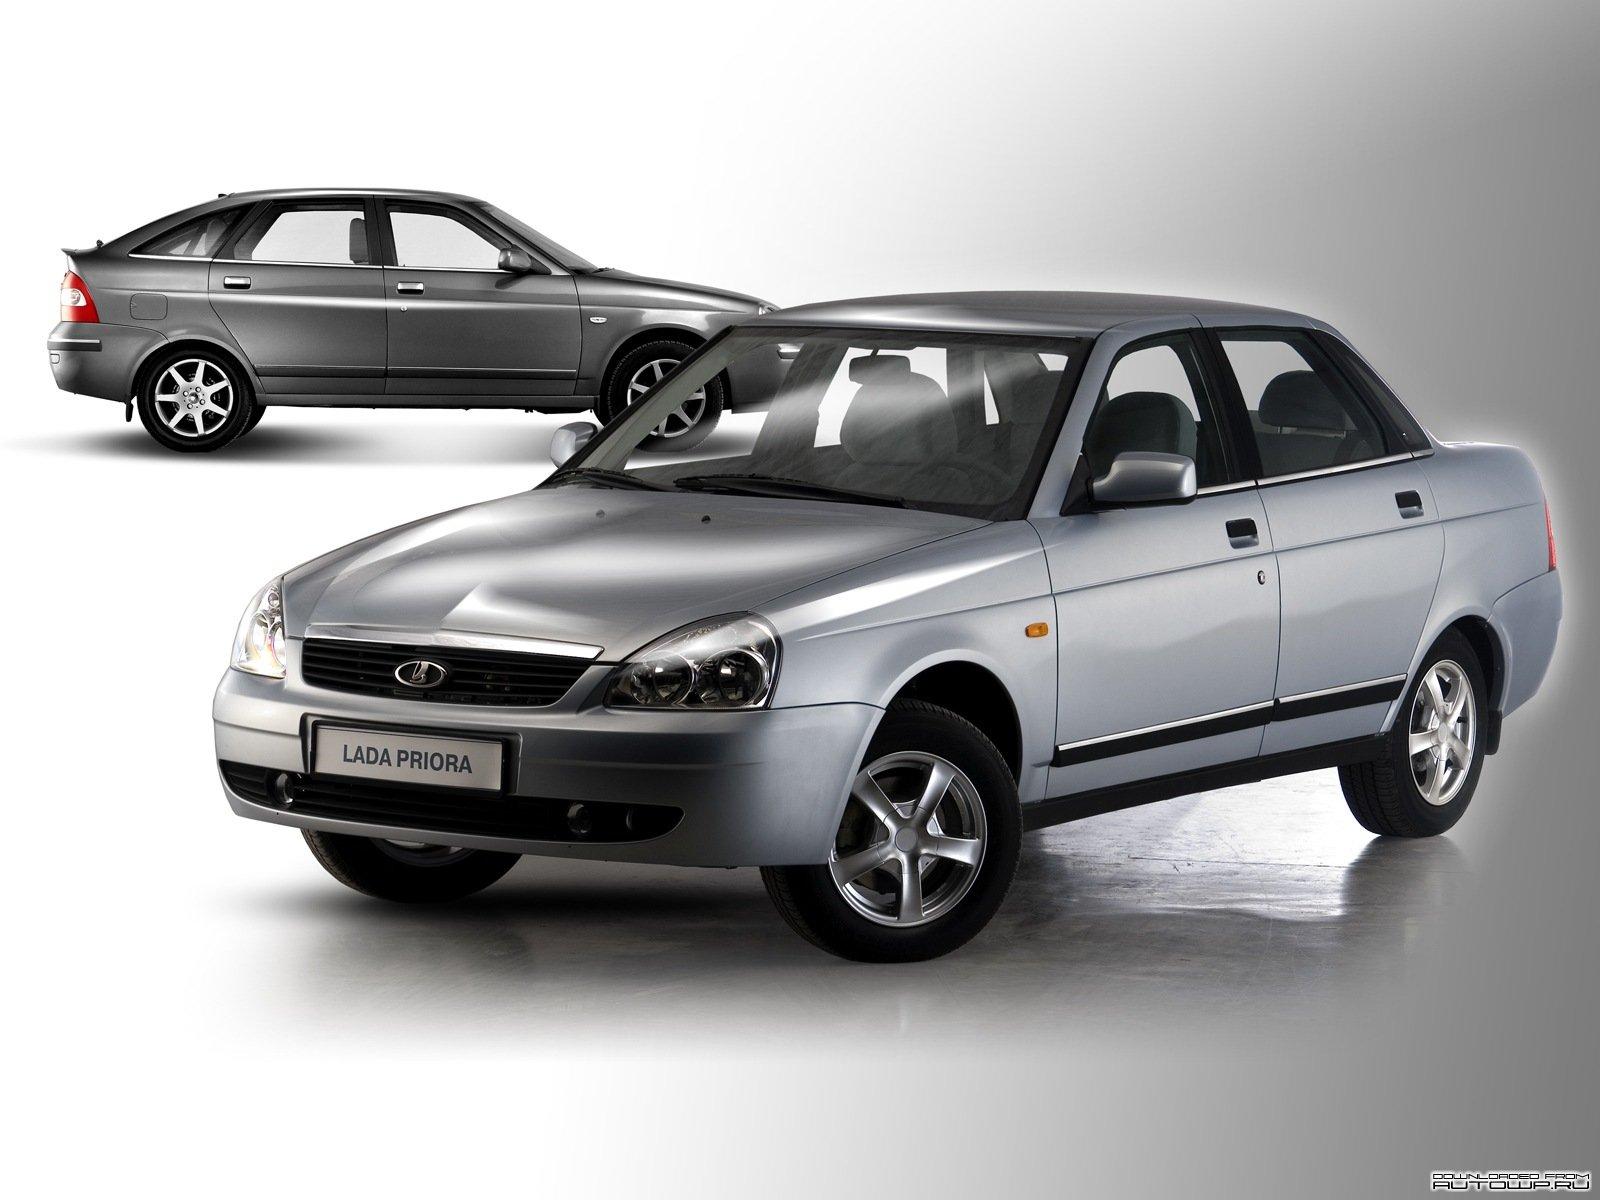 этой модели bmw 20 лет а она о прежнему круче автоваза